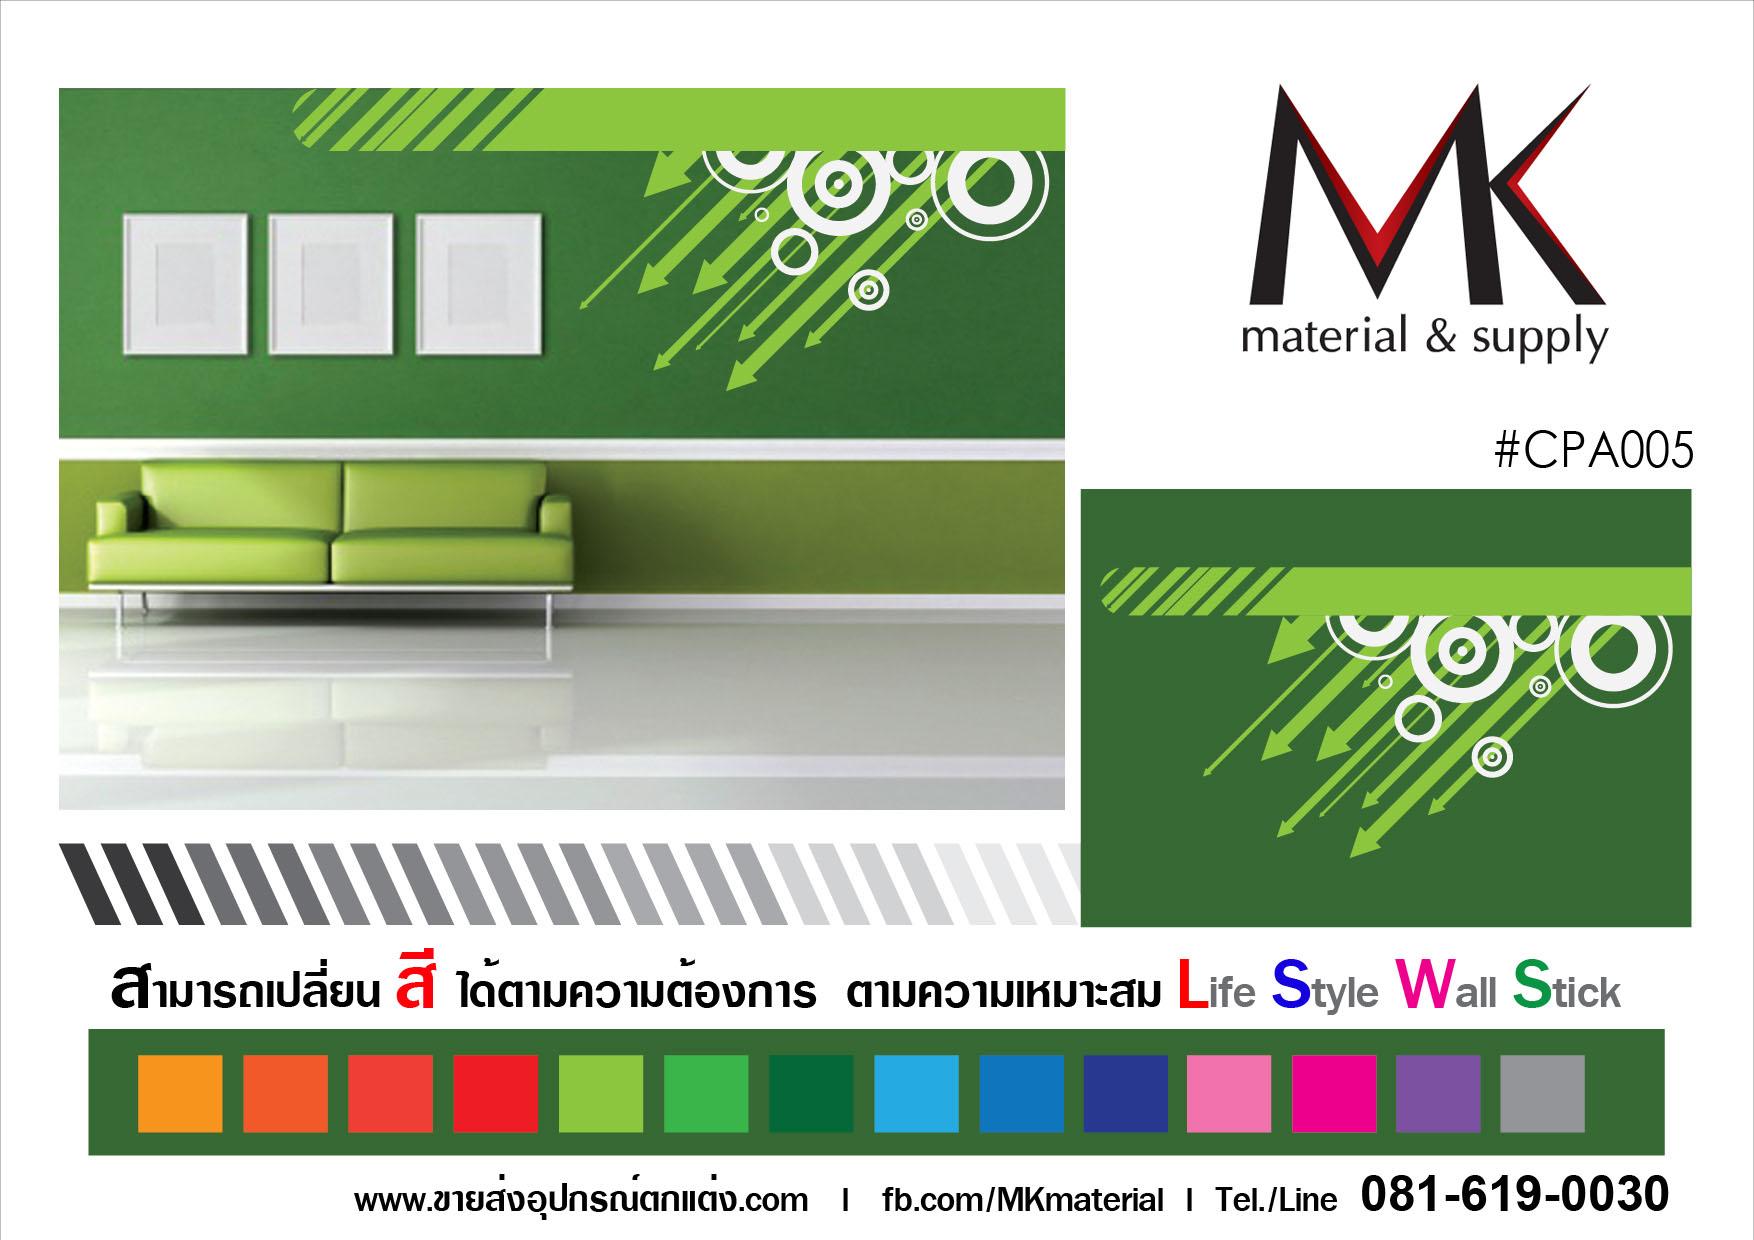 Life Style Wall Stick 006